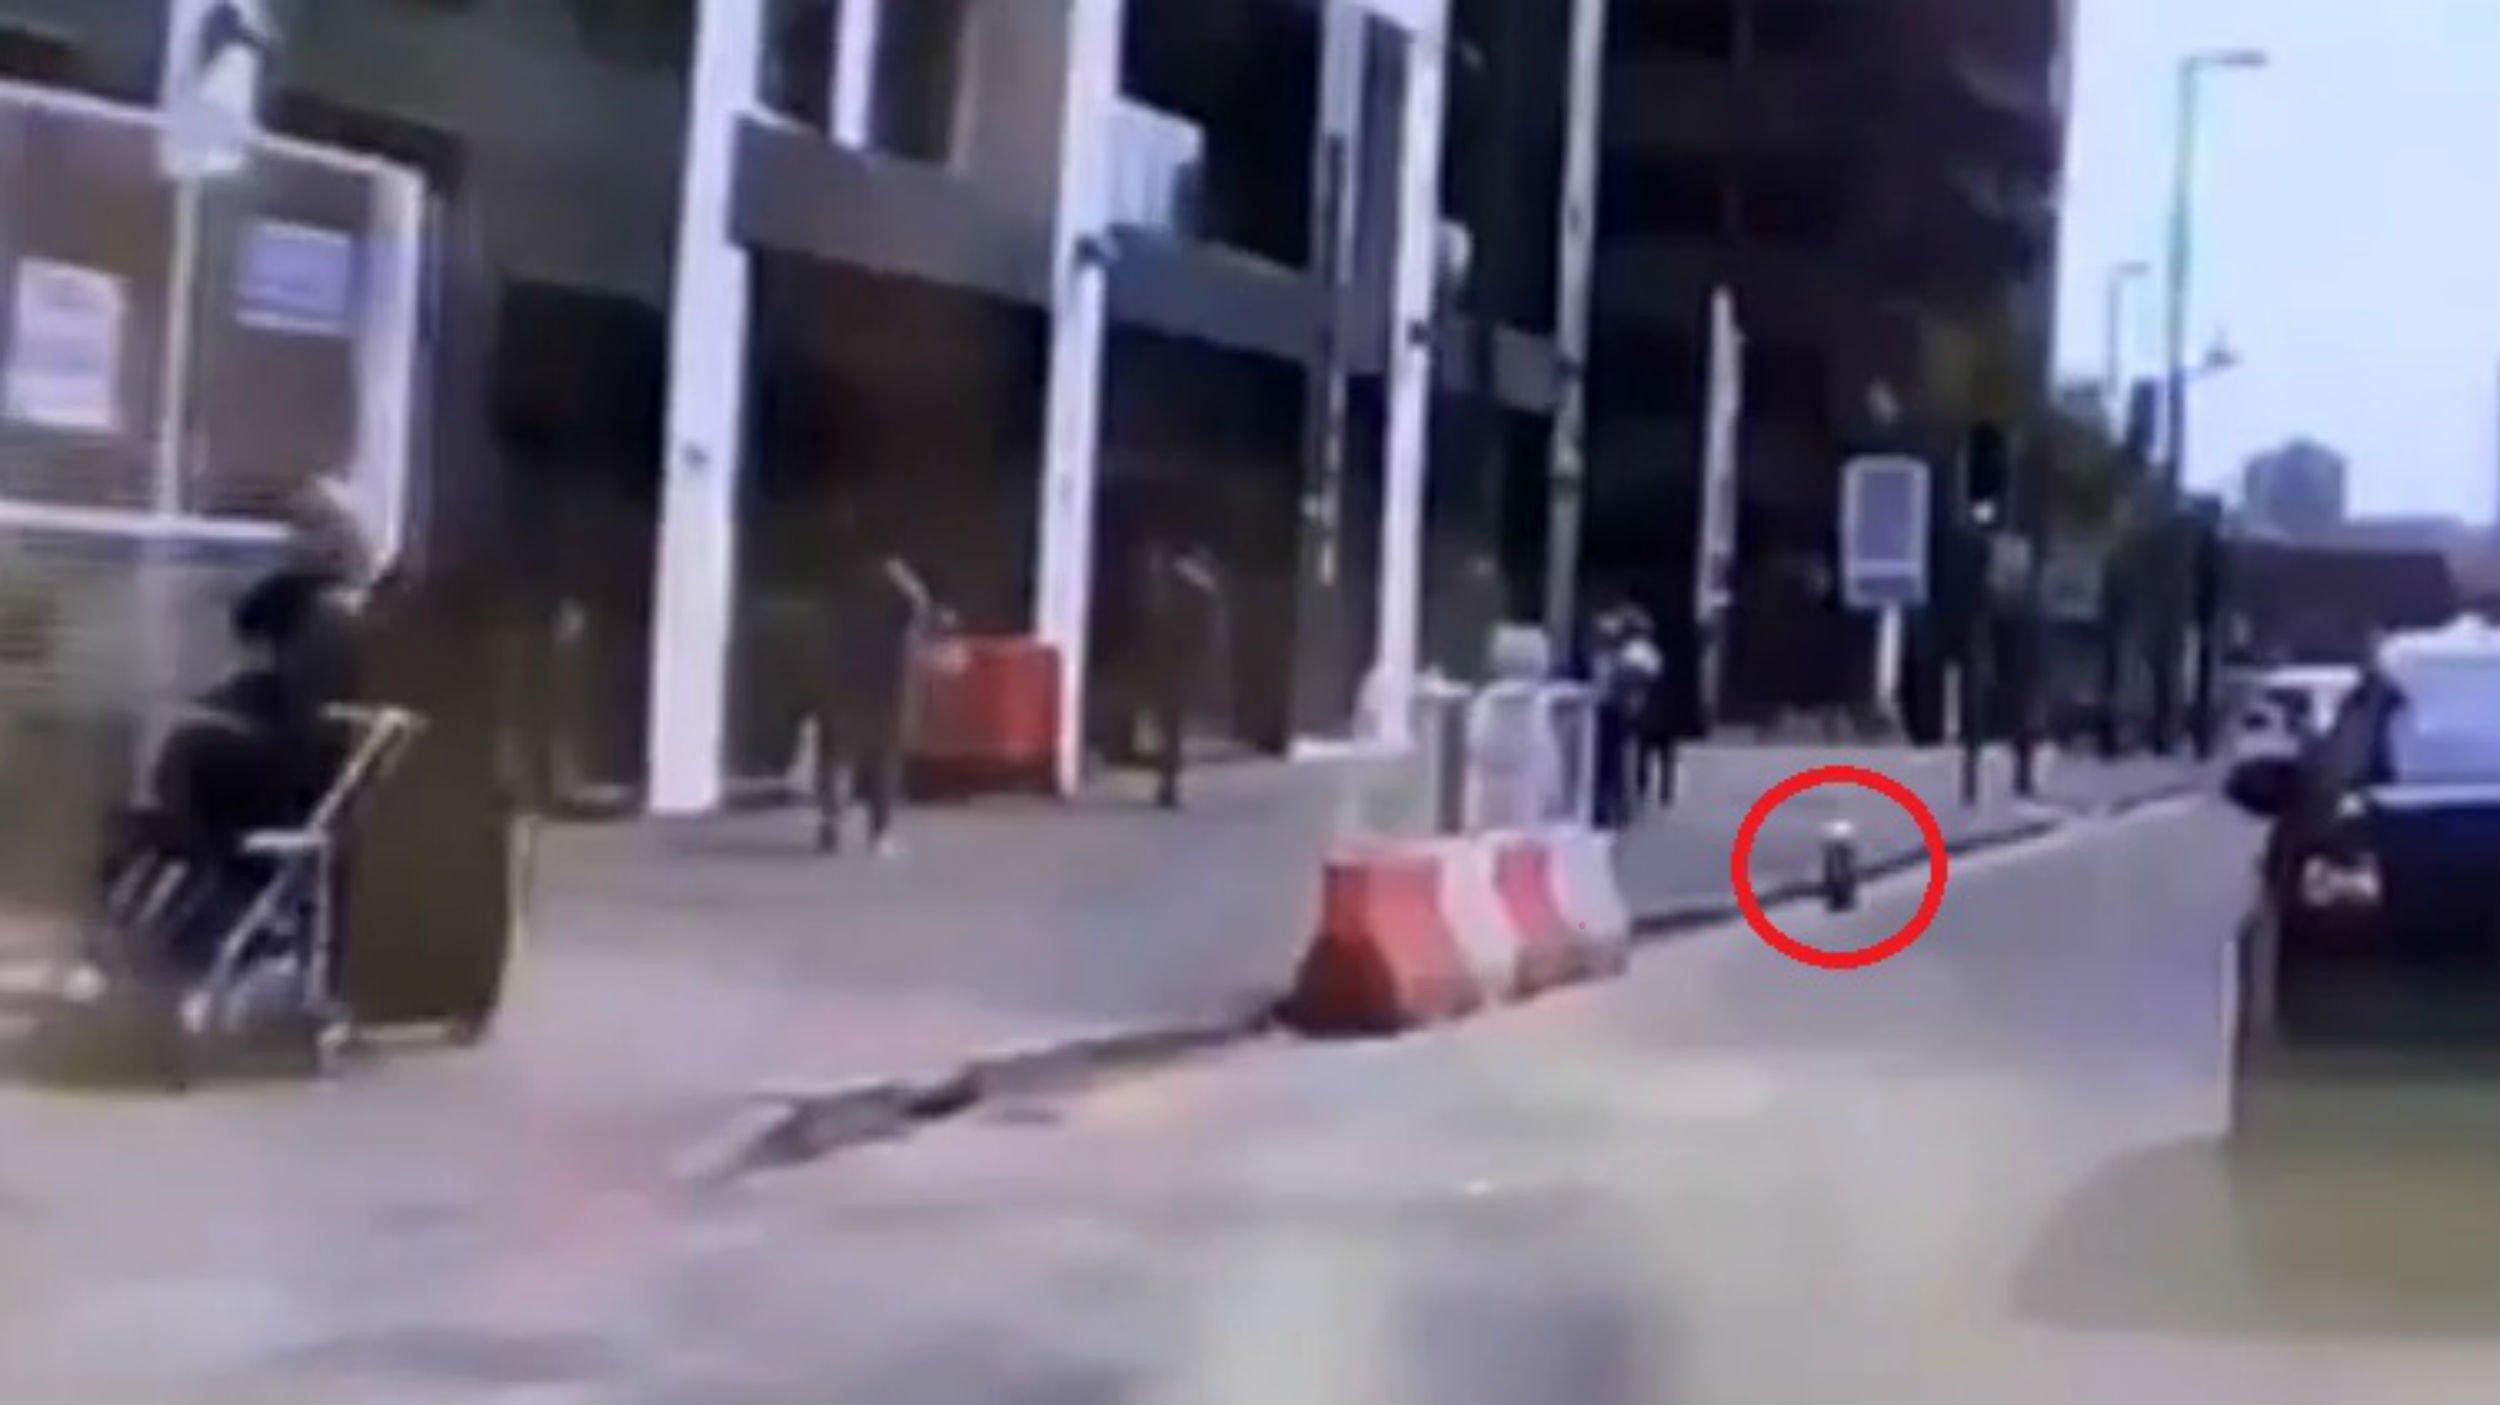 Cider thrown at Muslim women pushing pram